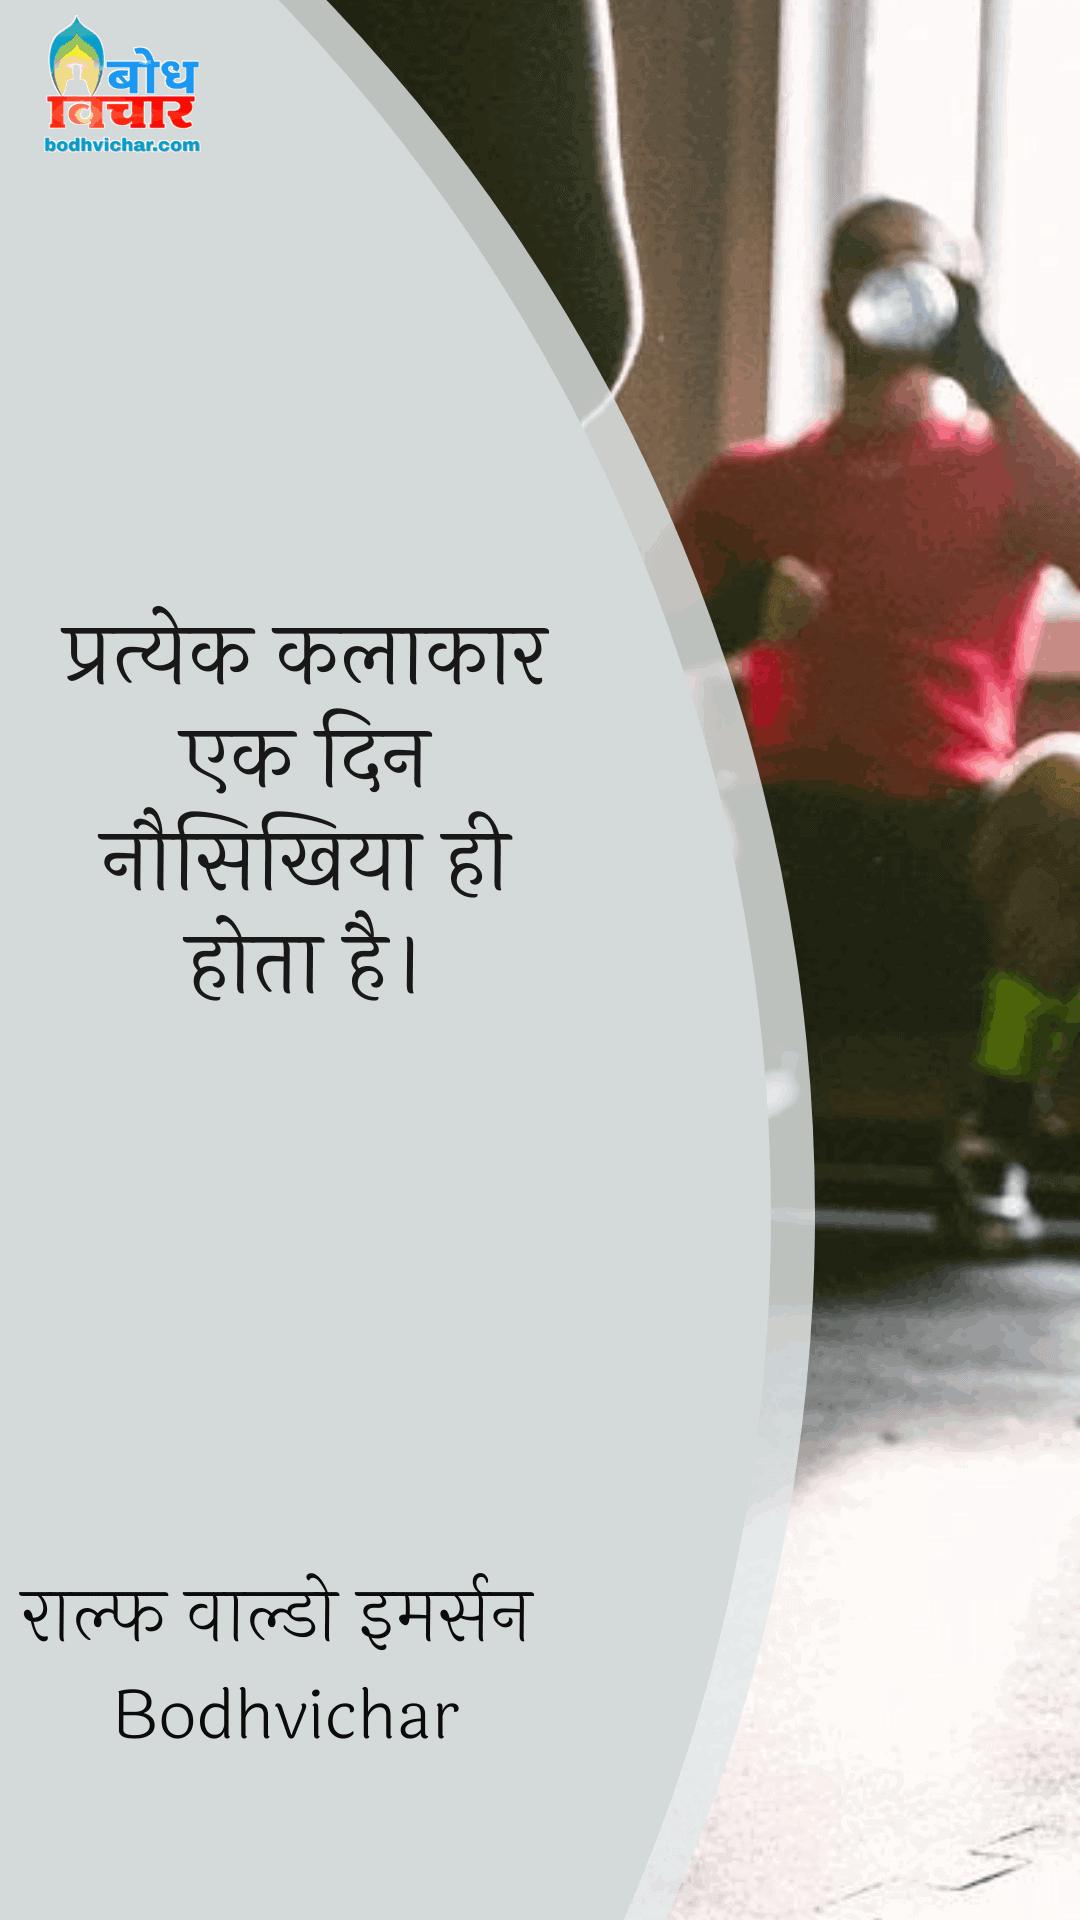 प्रत्येक कलाकार एक दिन नौसिखिया ही होता है। : Pratyek kalakar ek din nauseekhiya hi hota hai. - राल्फ वाल्डो इमर्सन